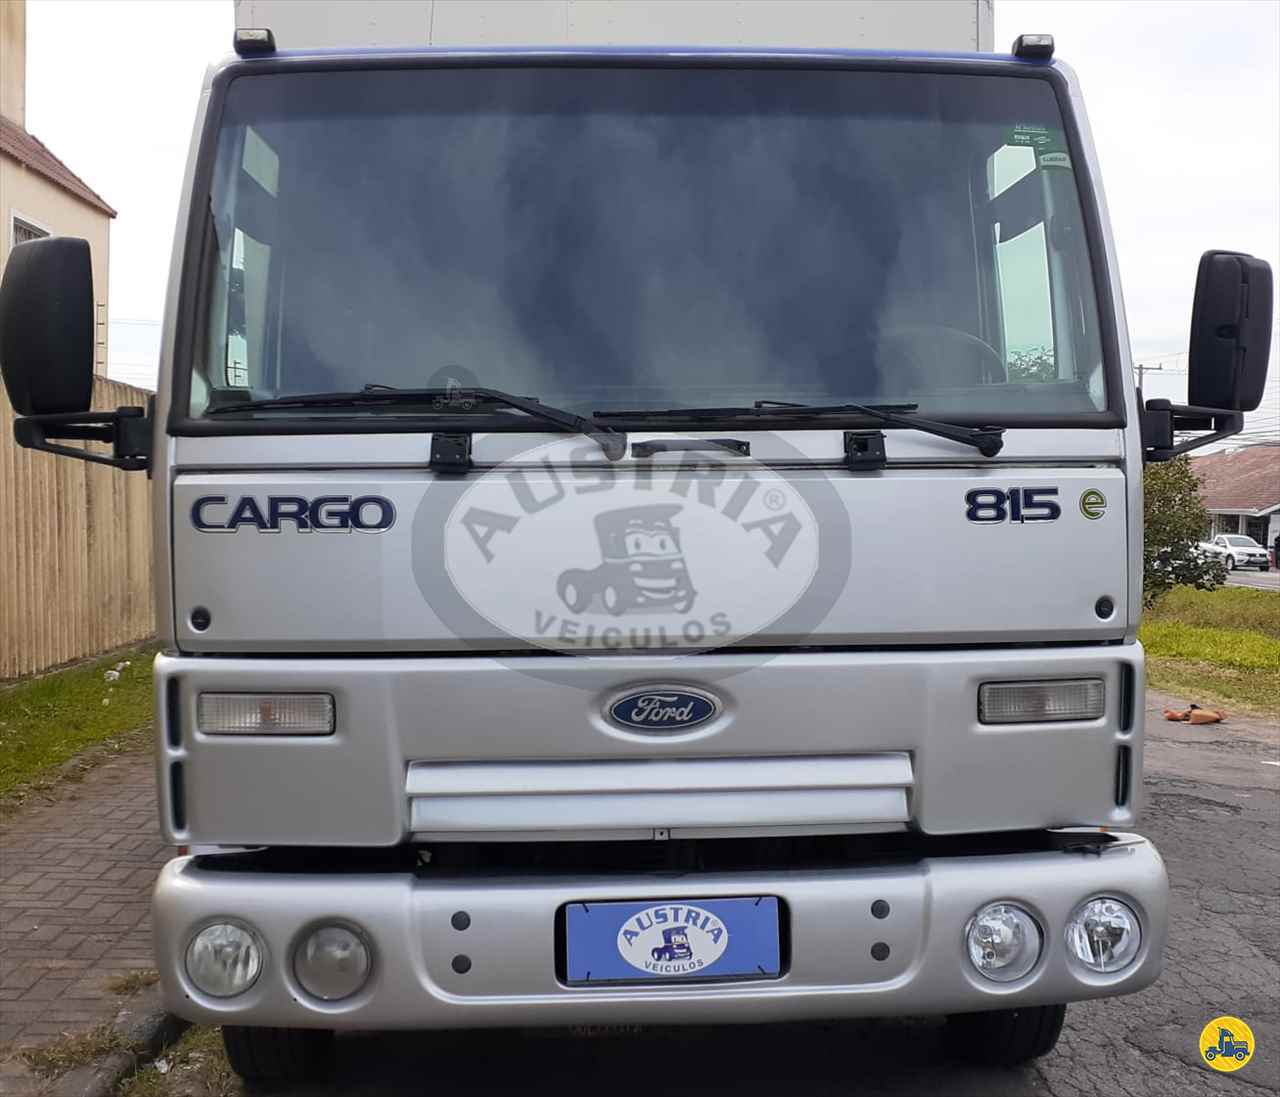 CAMINHAO FORD CARGO 815 Baú Furgão 3/4 4x2 Austria Utilitários e Financiamentos CURITIBA PARANÁ PR